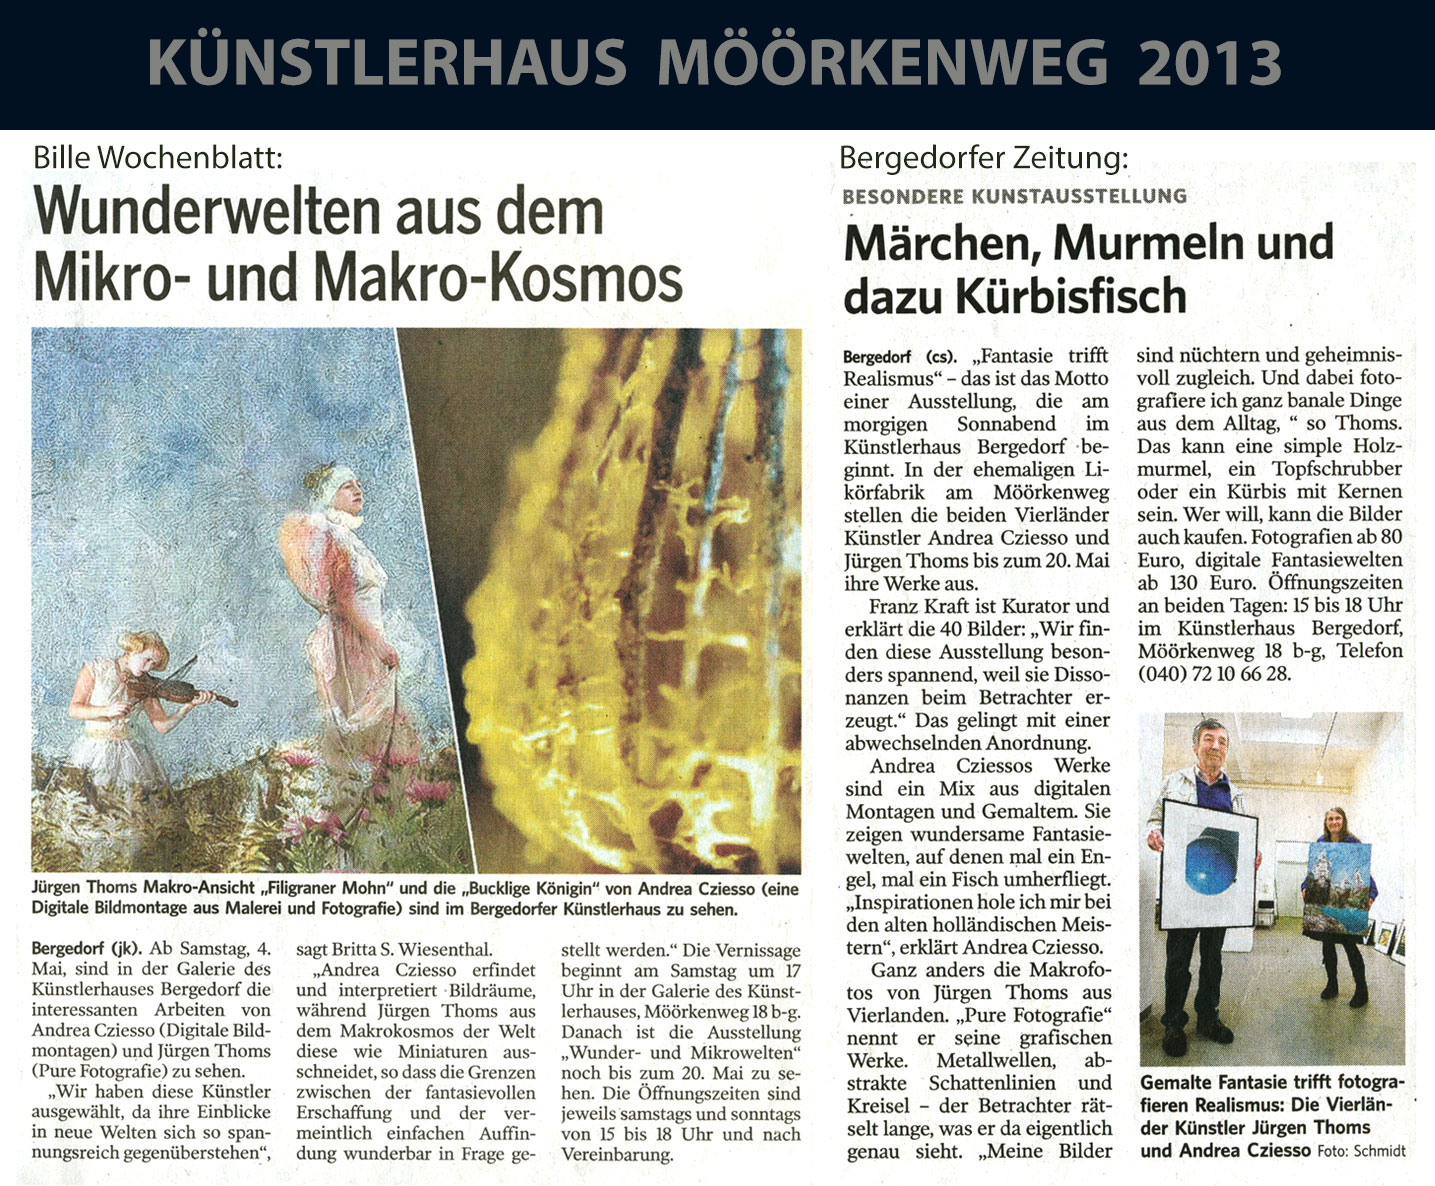 2013_Moeoerkenweg